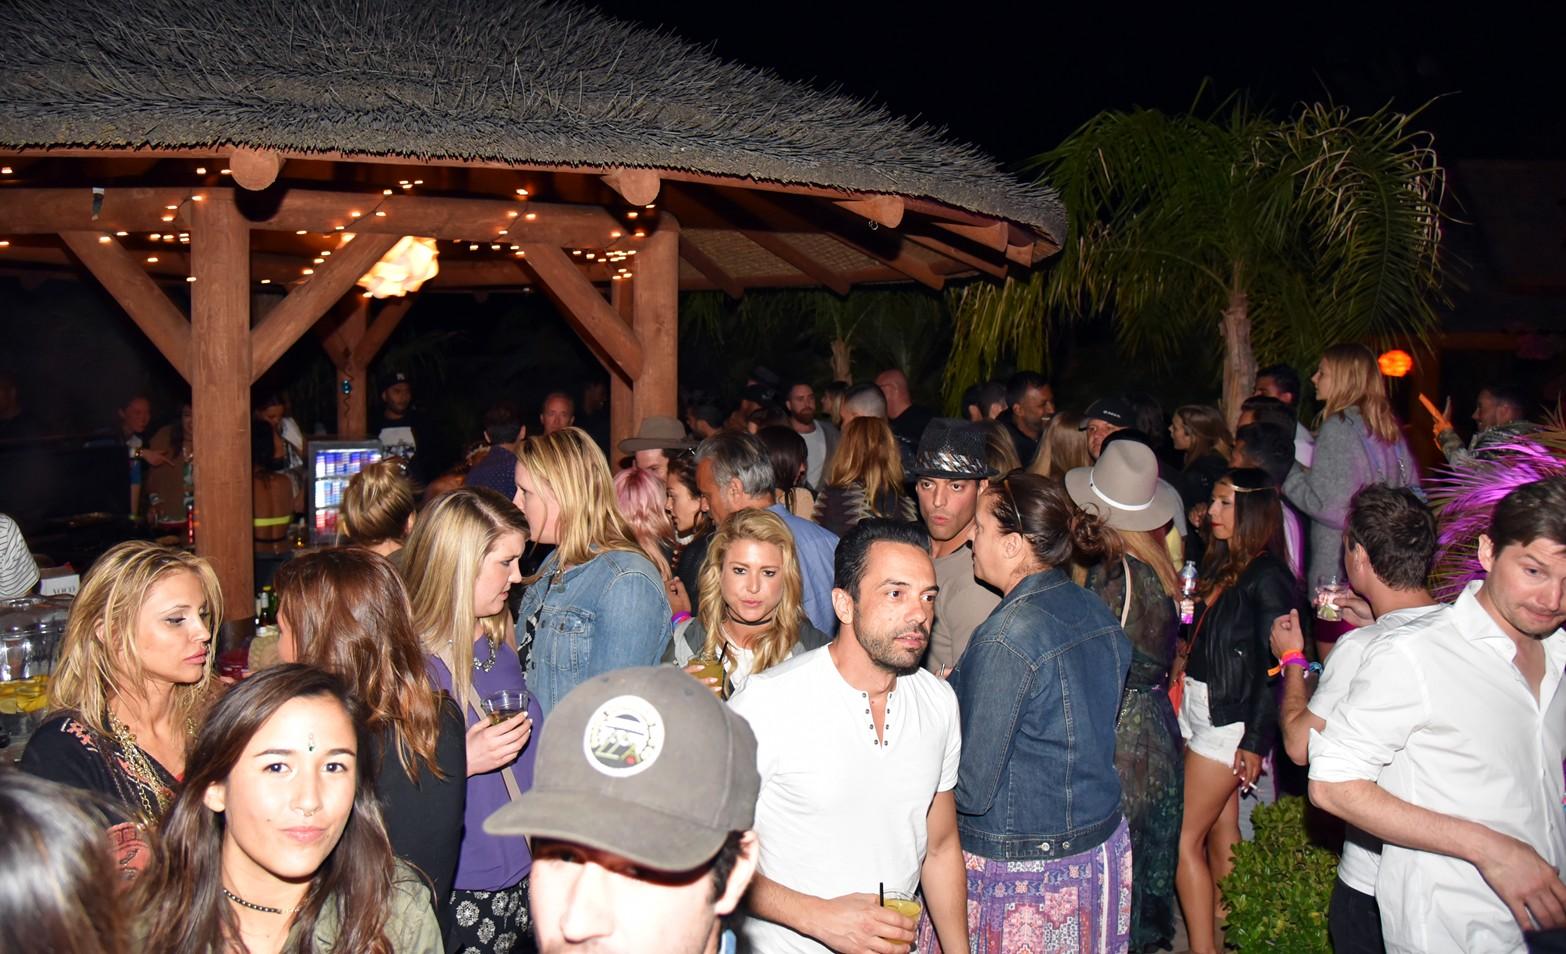 Bob Zangrillo party, Coachella, perfect party pic